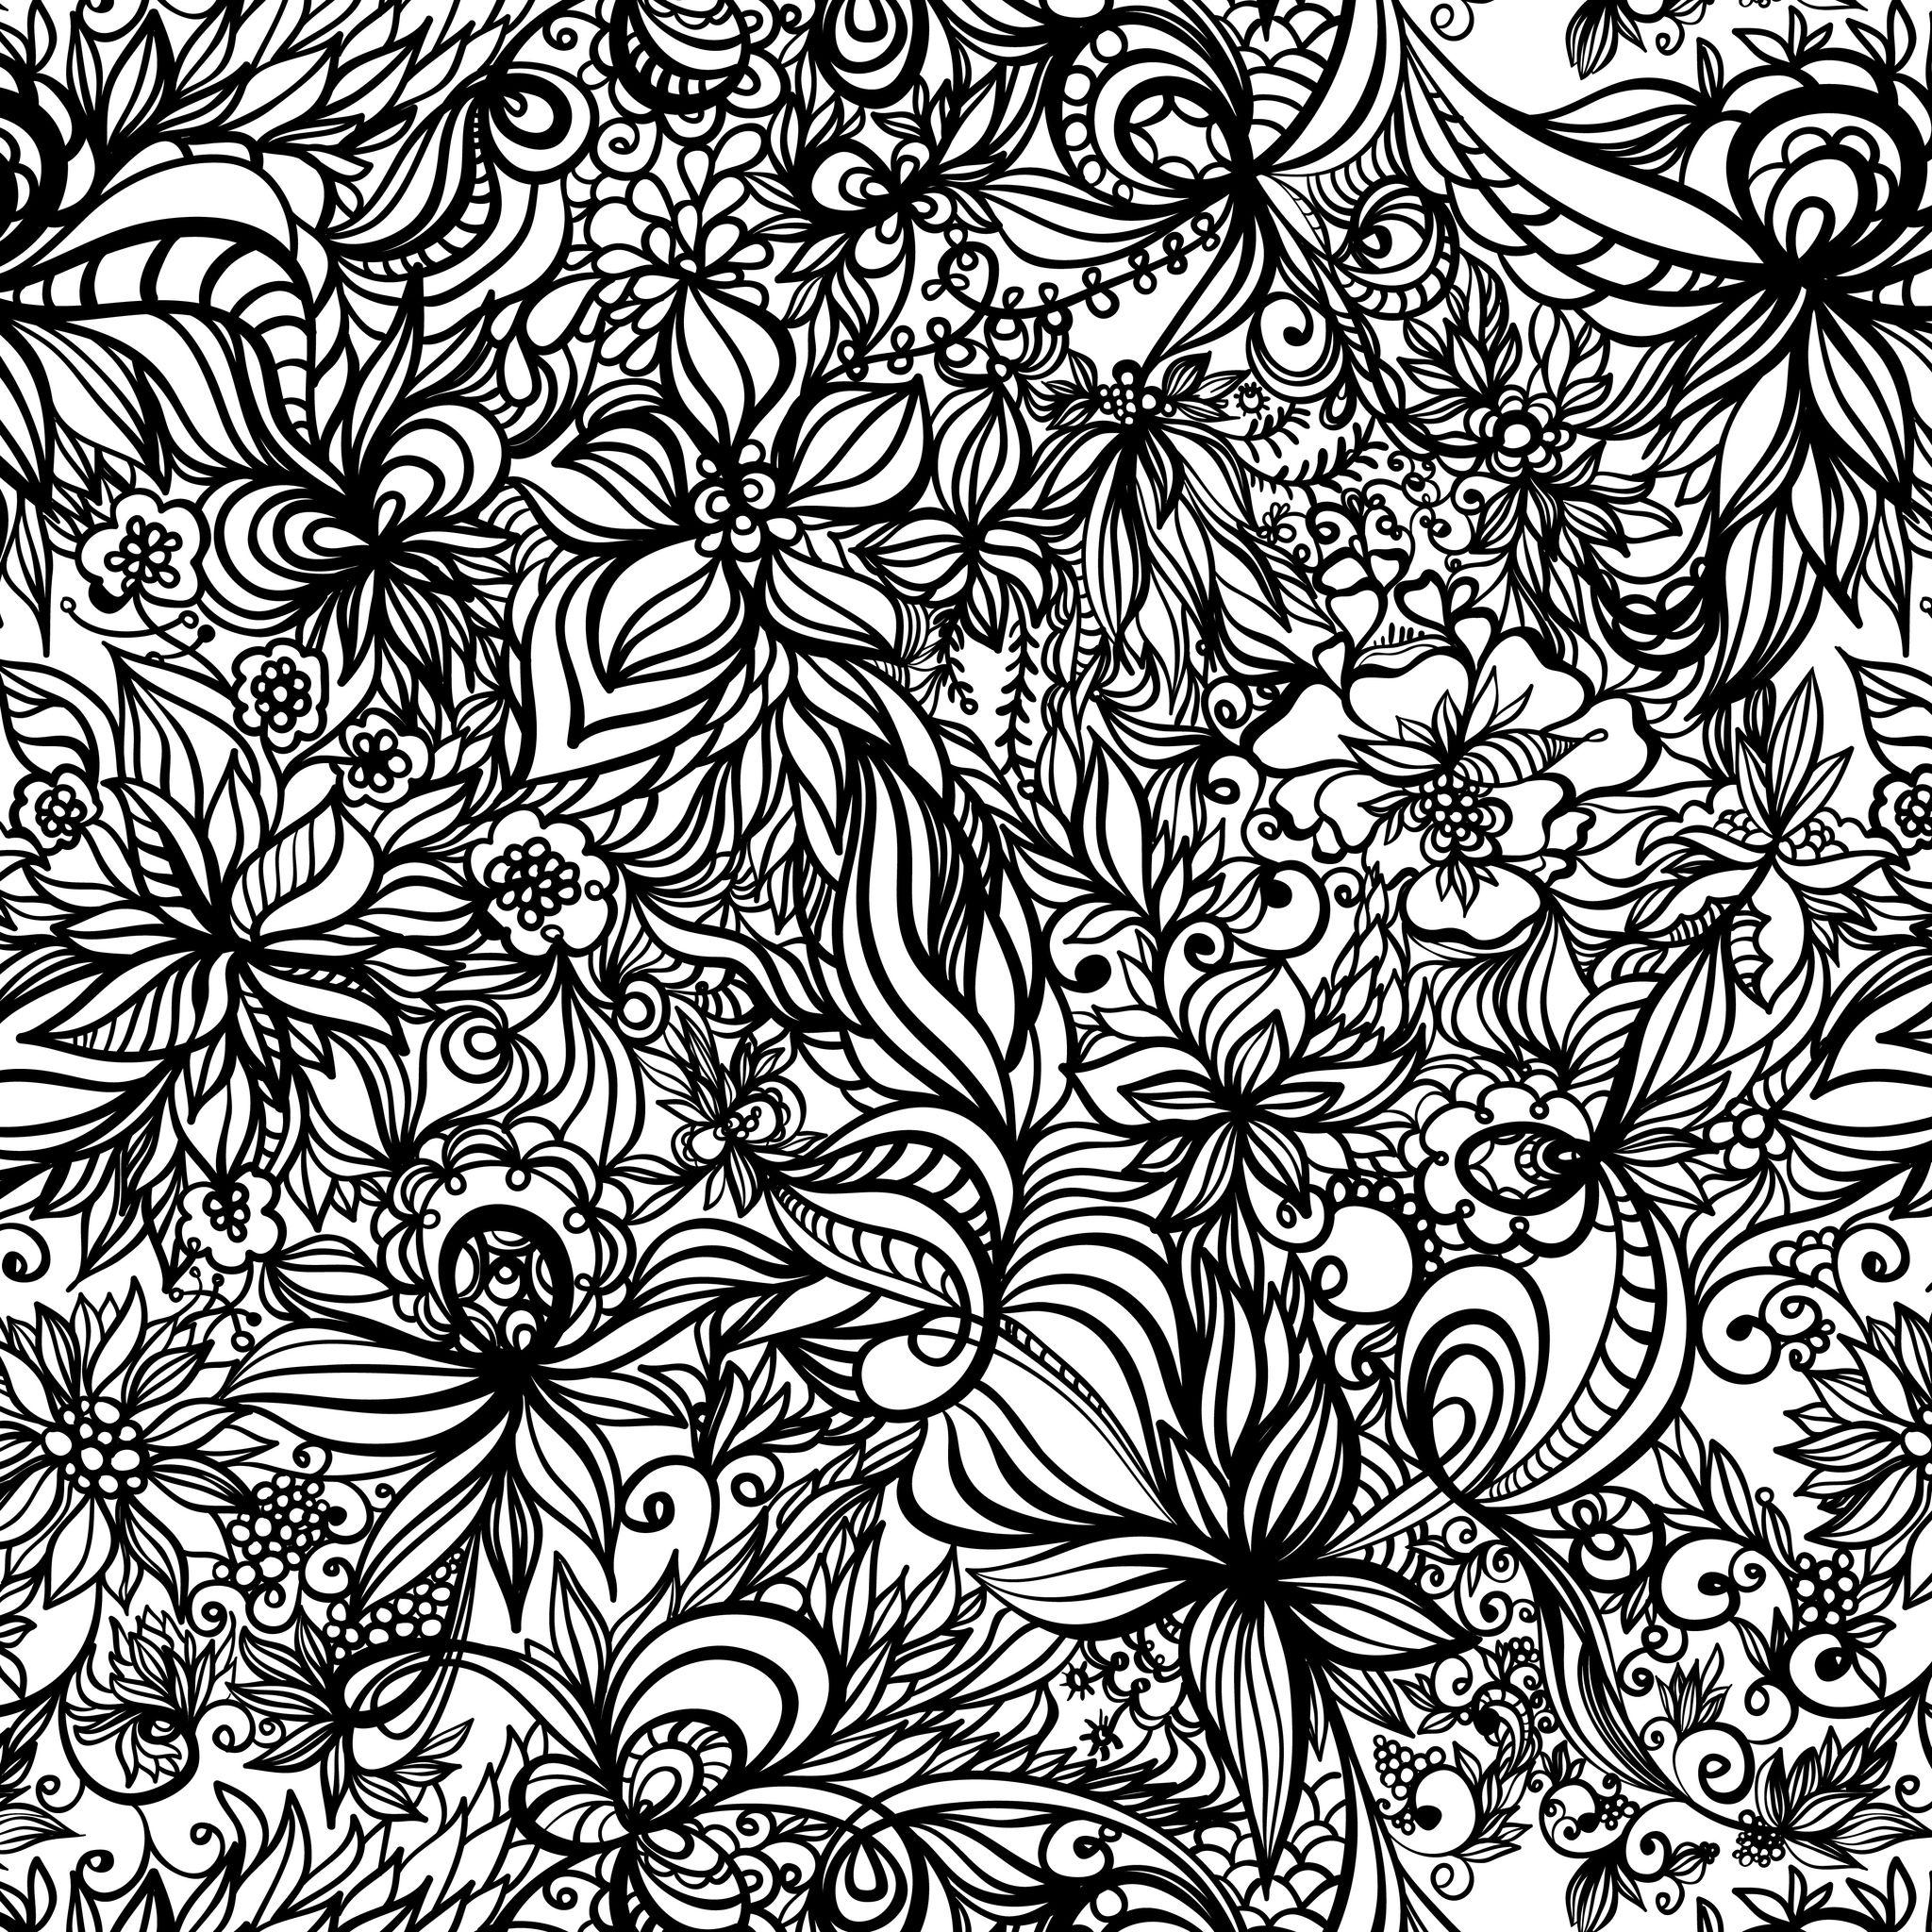 Coloriage de fleurs tropicales expert - Coloriage a imprimer fleurs exotiques ...